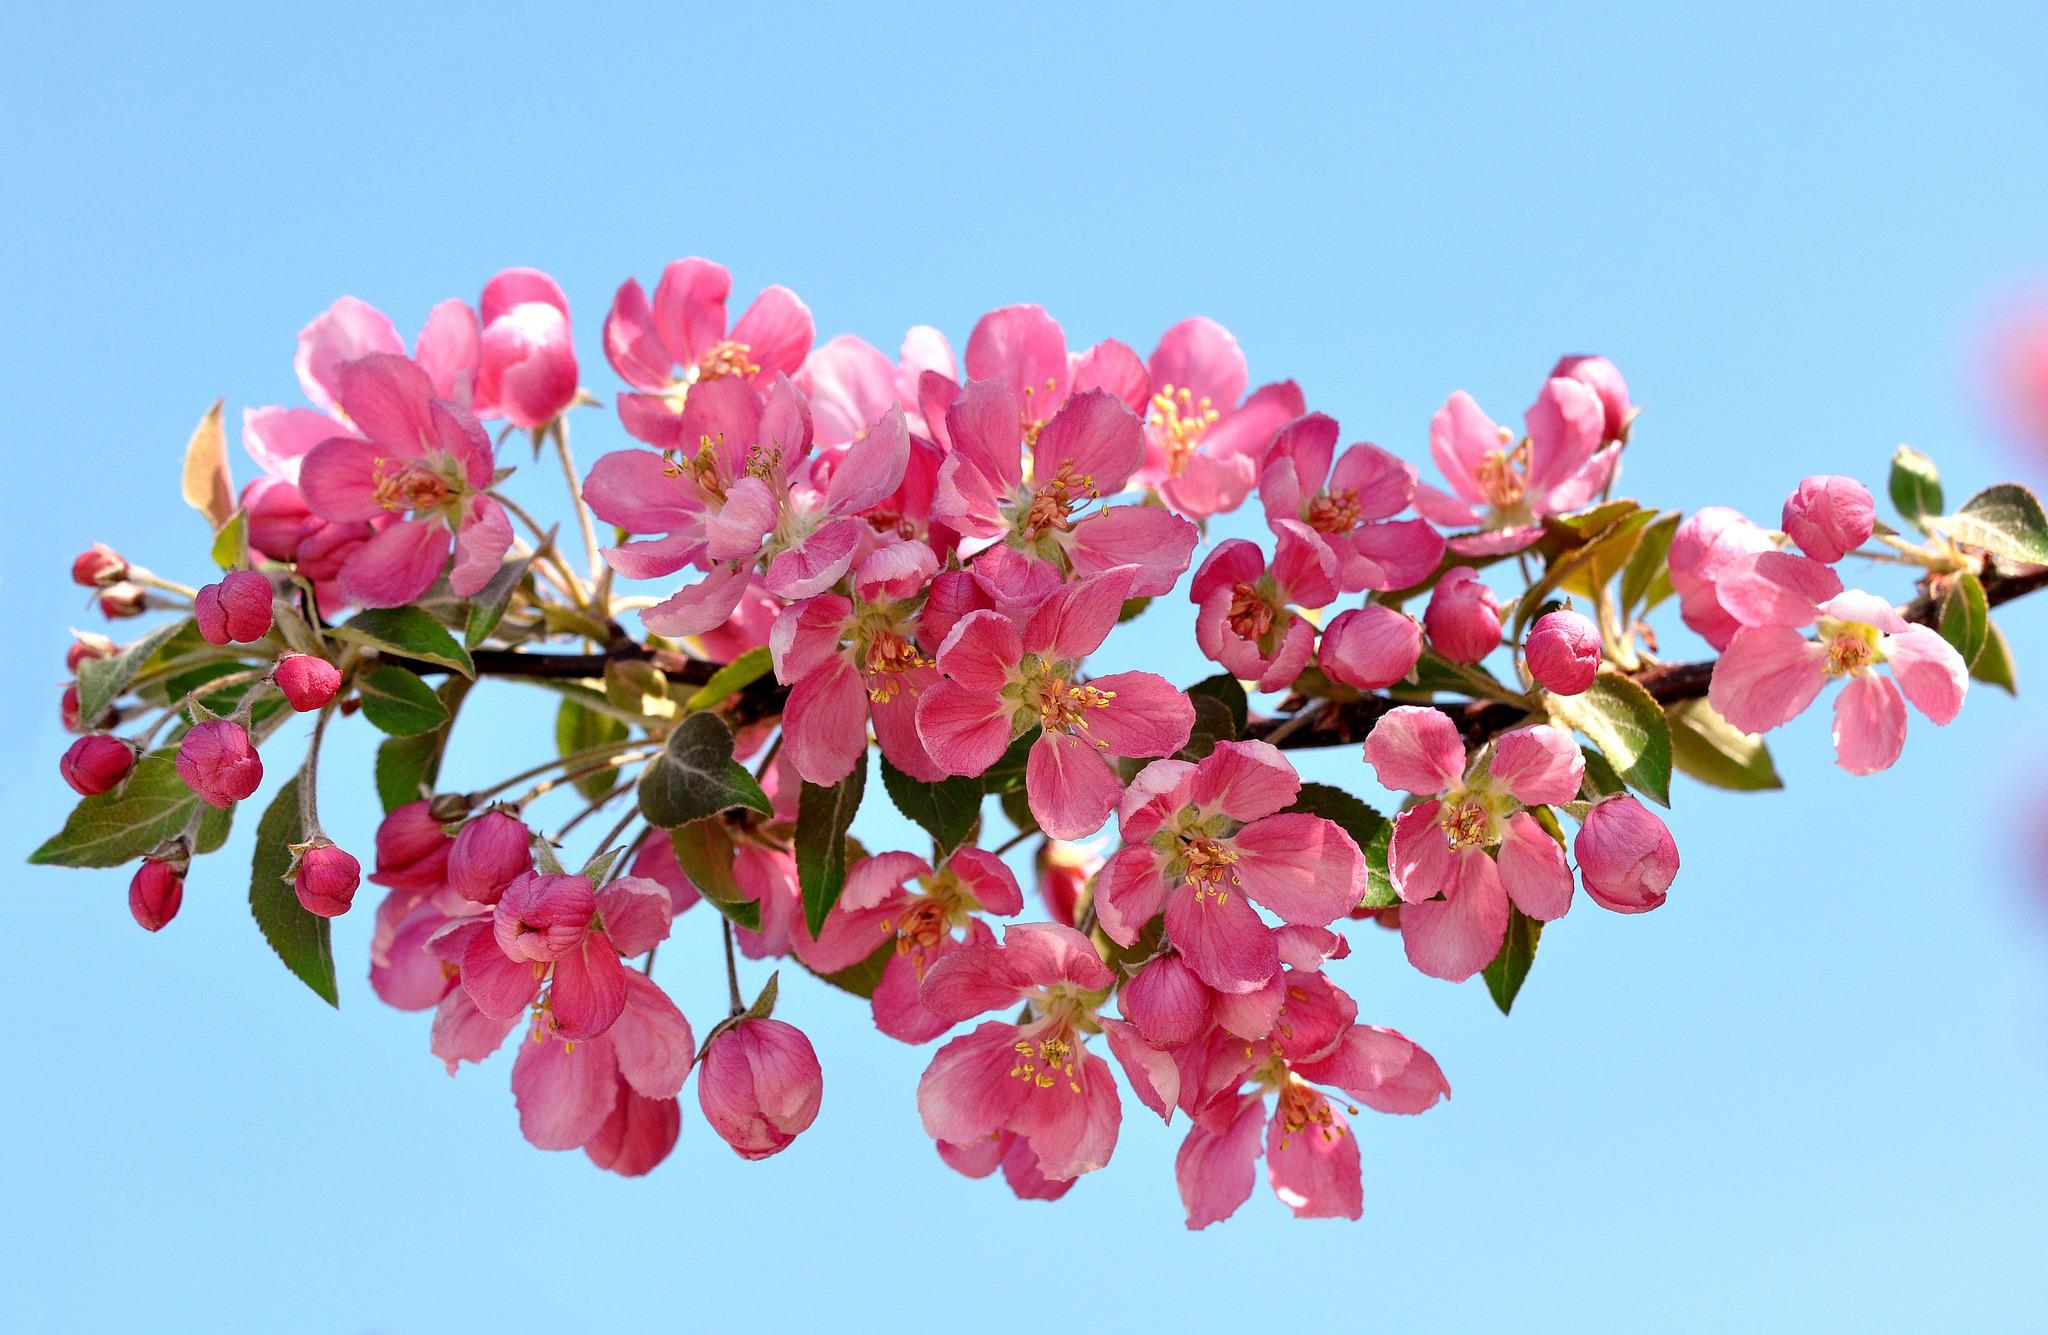 Картинки весенних веточек и цветов